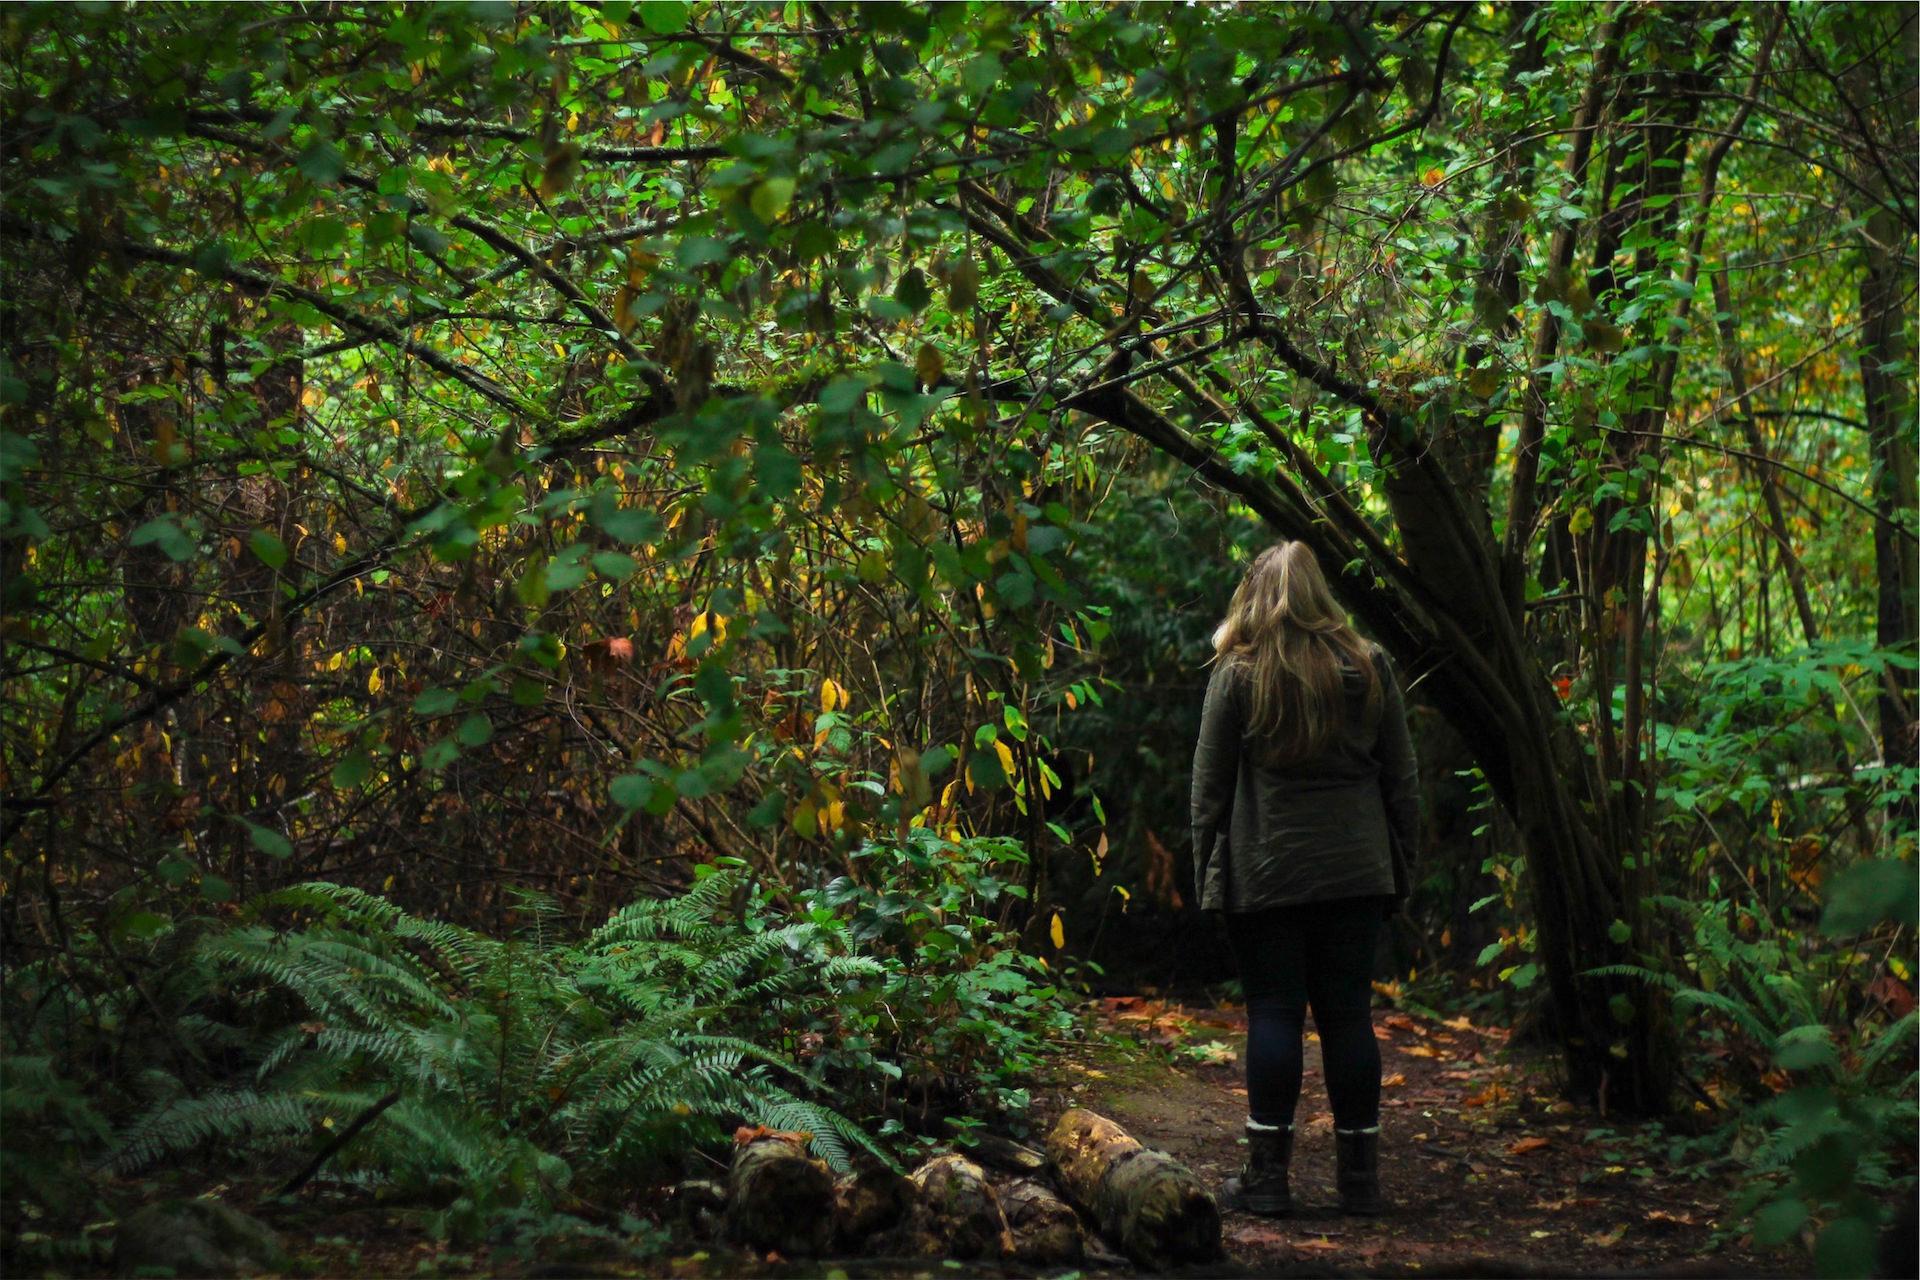 женщина, лес, джунгли, поле, Листва - Обои HD - Профессор falken.com